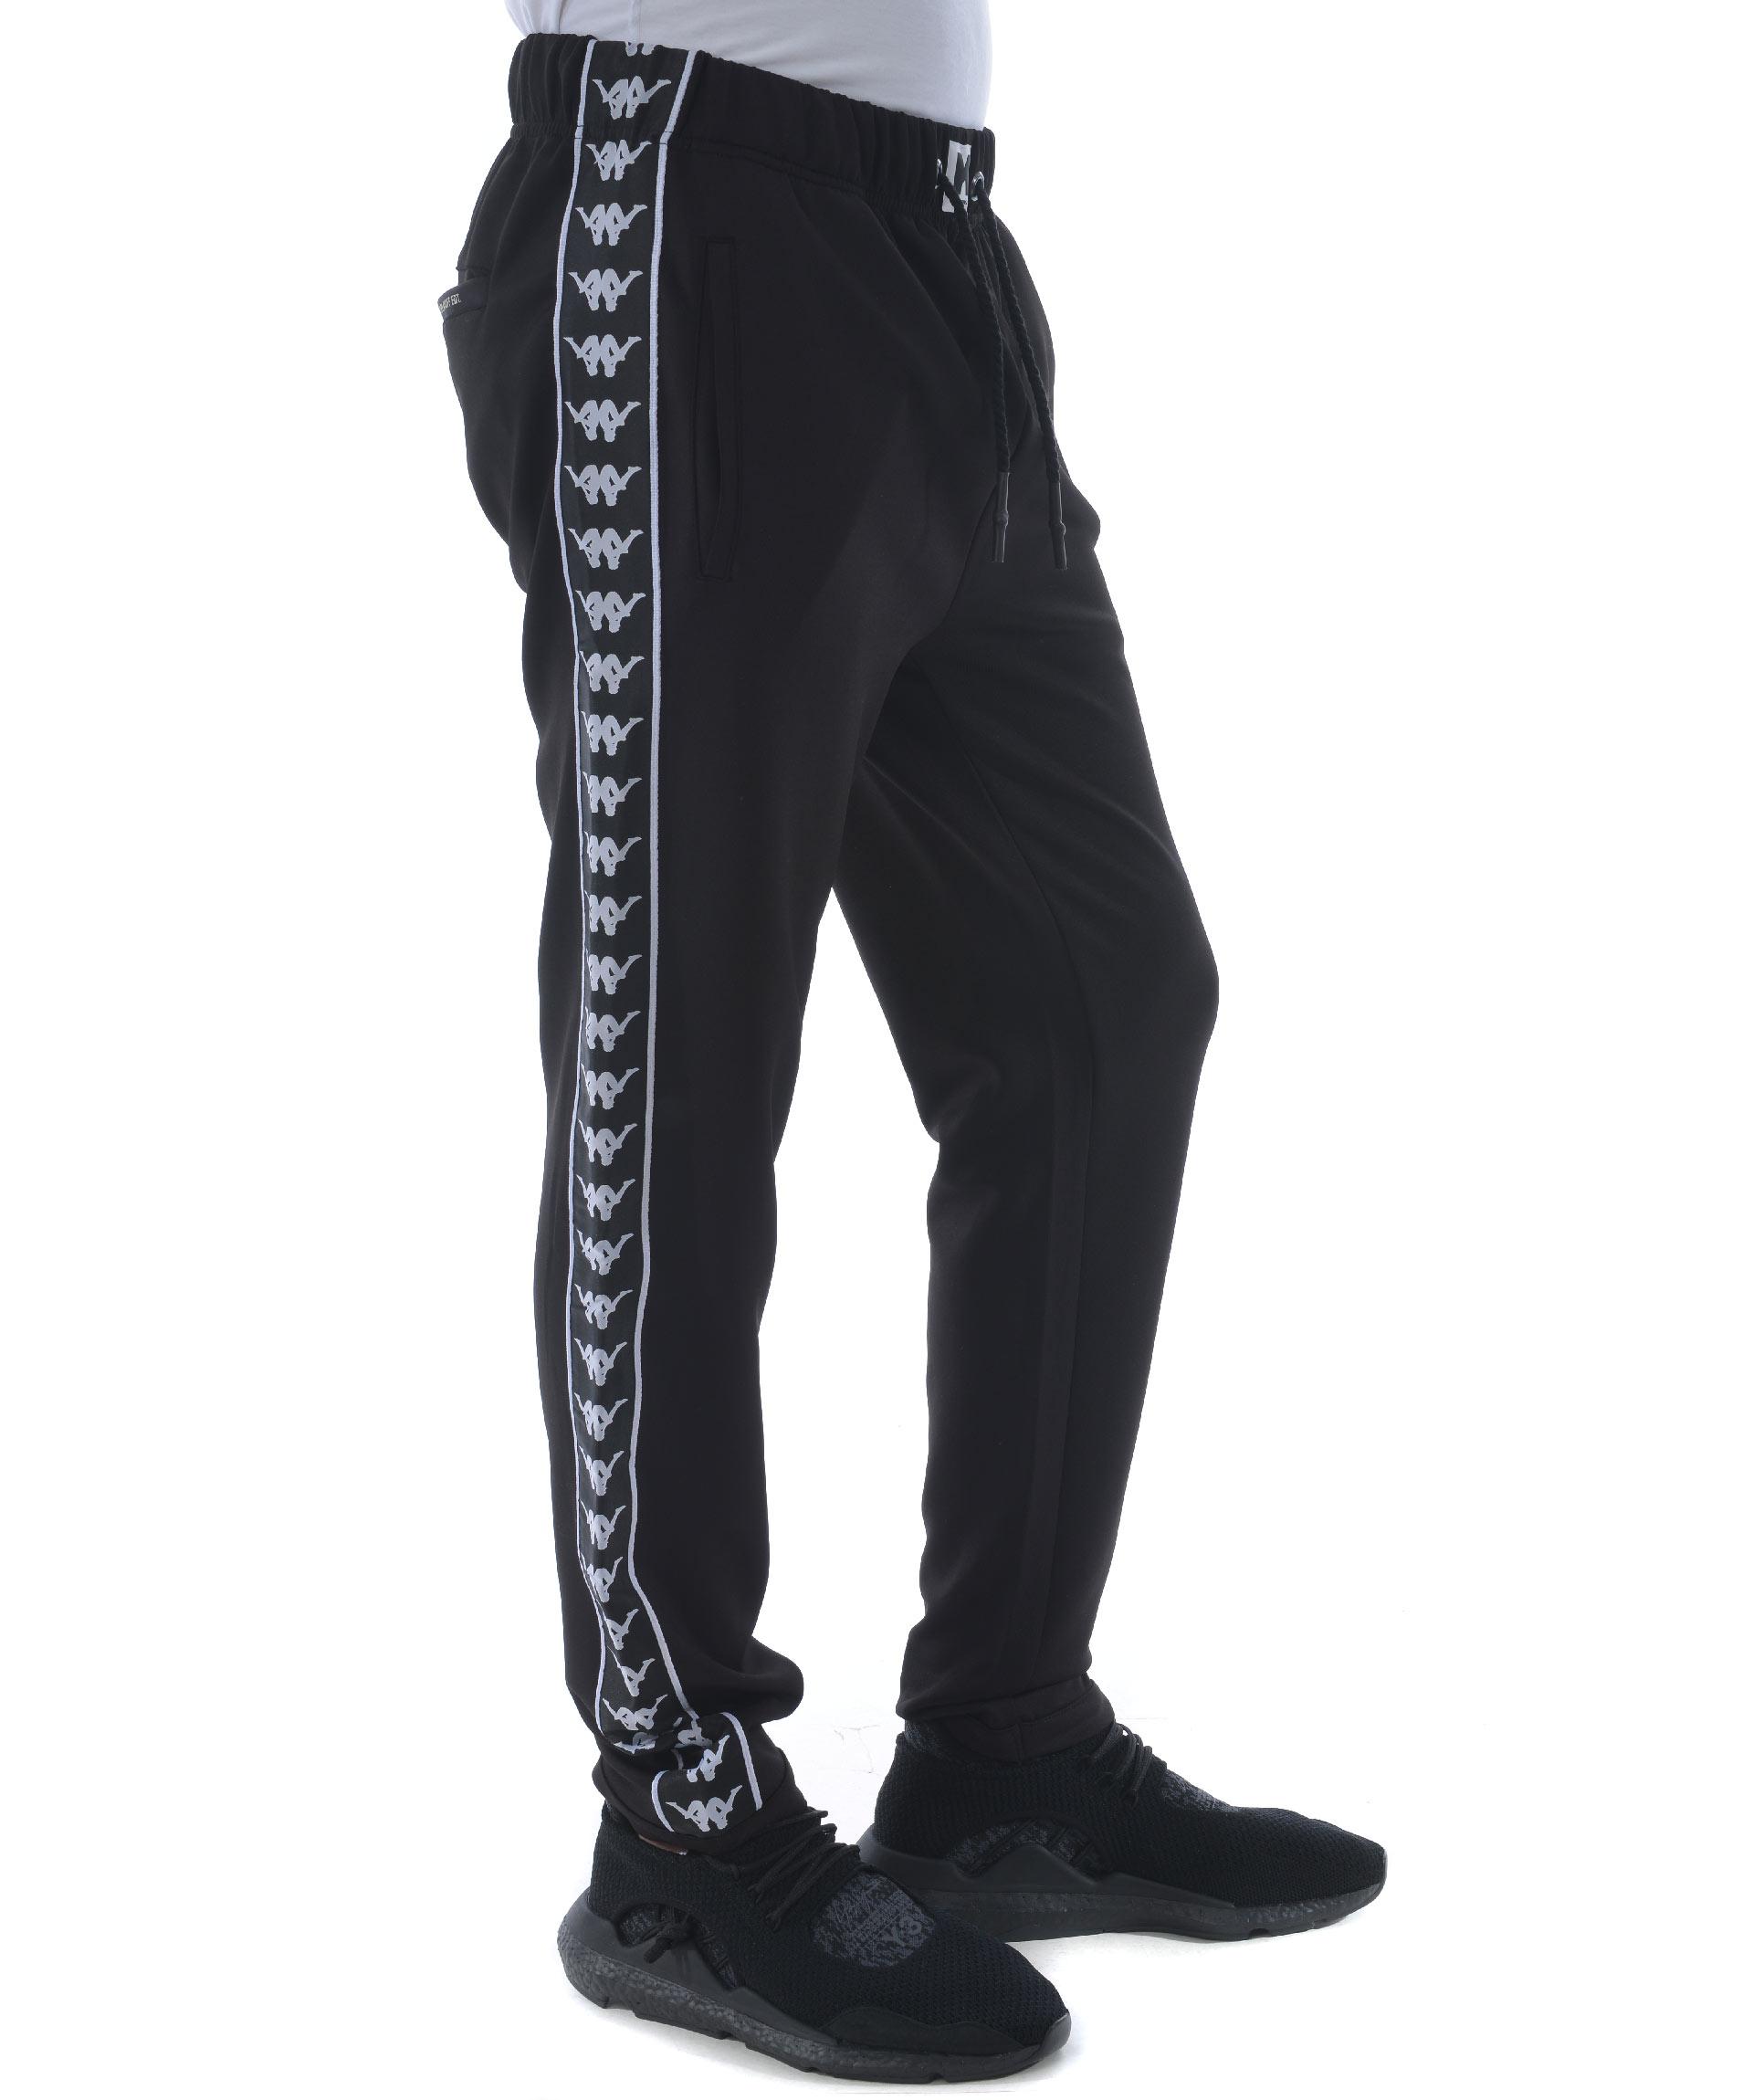 stili diversi di modo attraente aspetto dettagliato Pantaloni Lunghi Kappa Uomo Lunghi Pantaloni Pantaloni ...